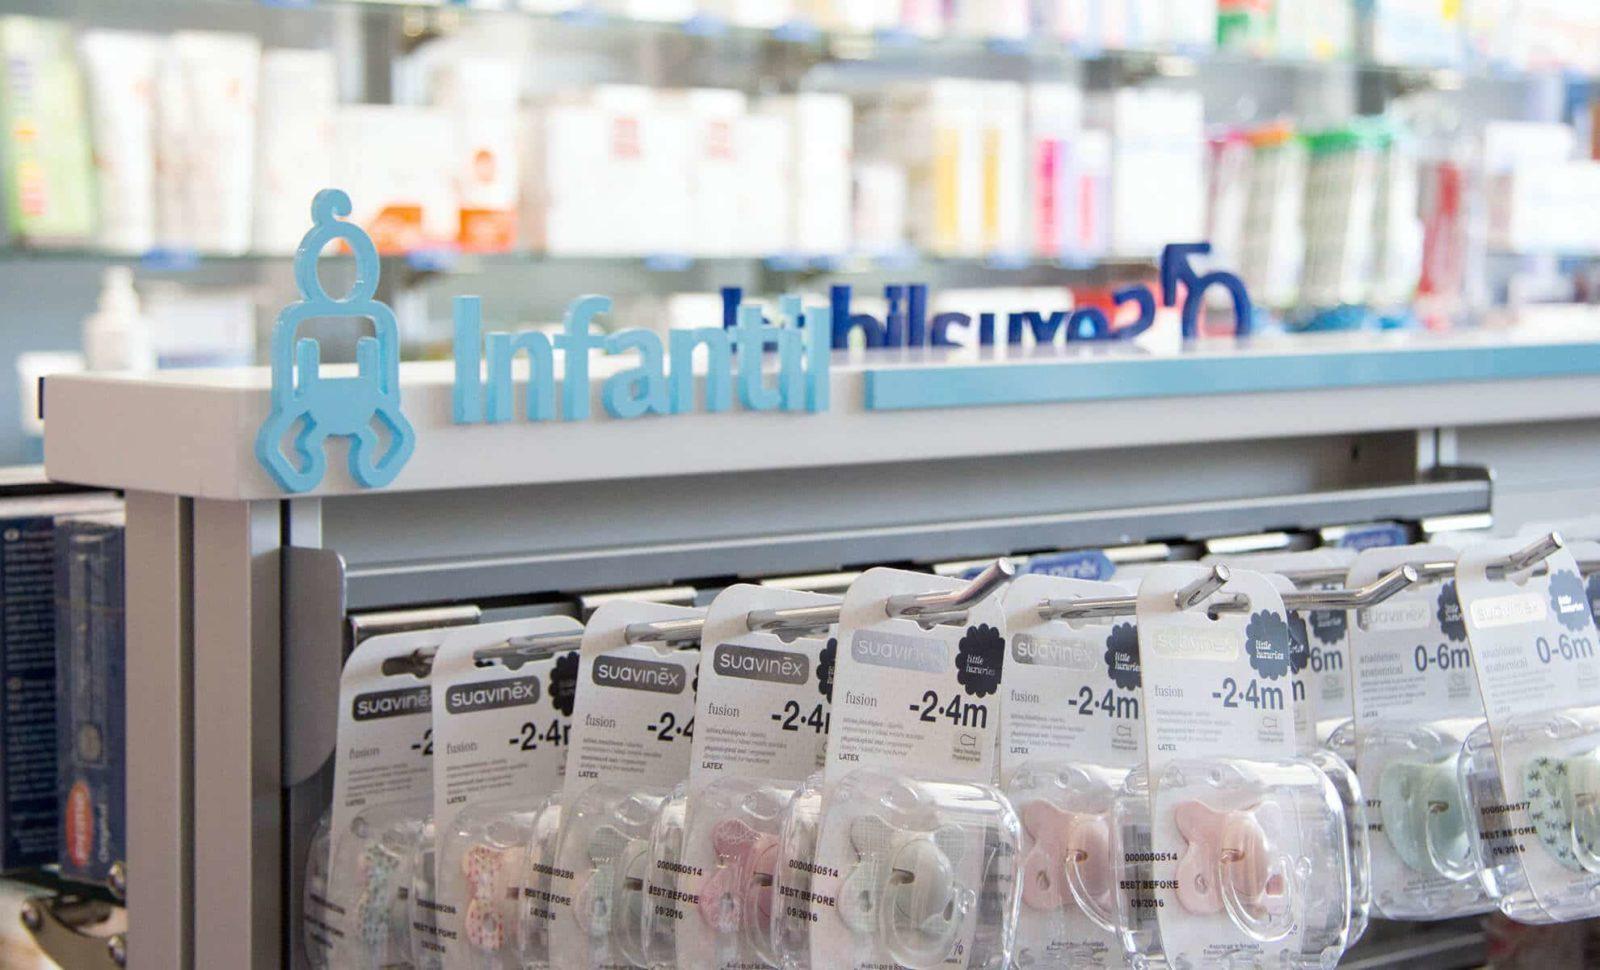 Sirope-proyectos-agencia-branding-diseño-packaging-farmacia-ruiz golvano 1-3